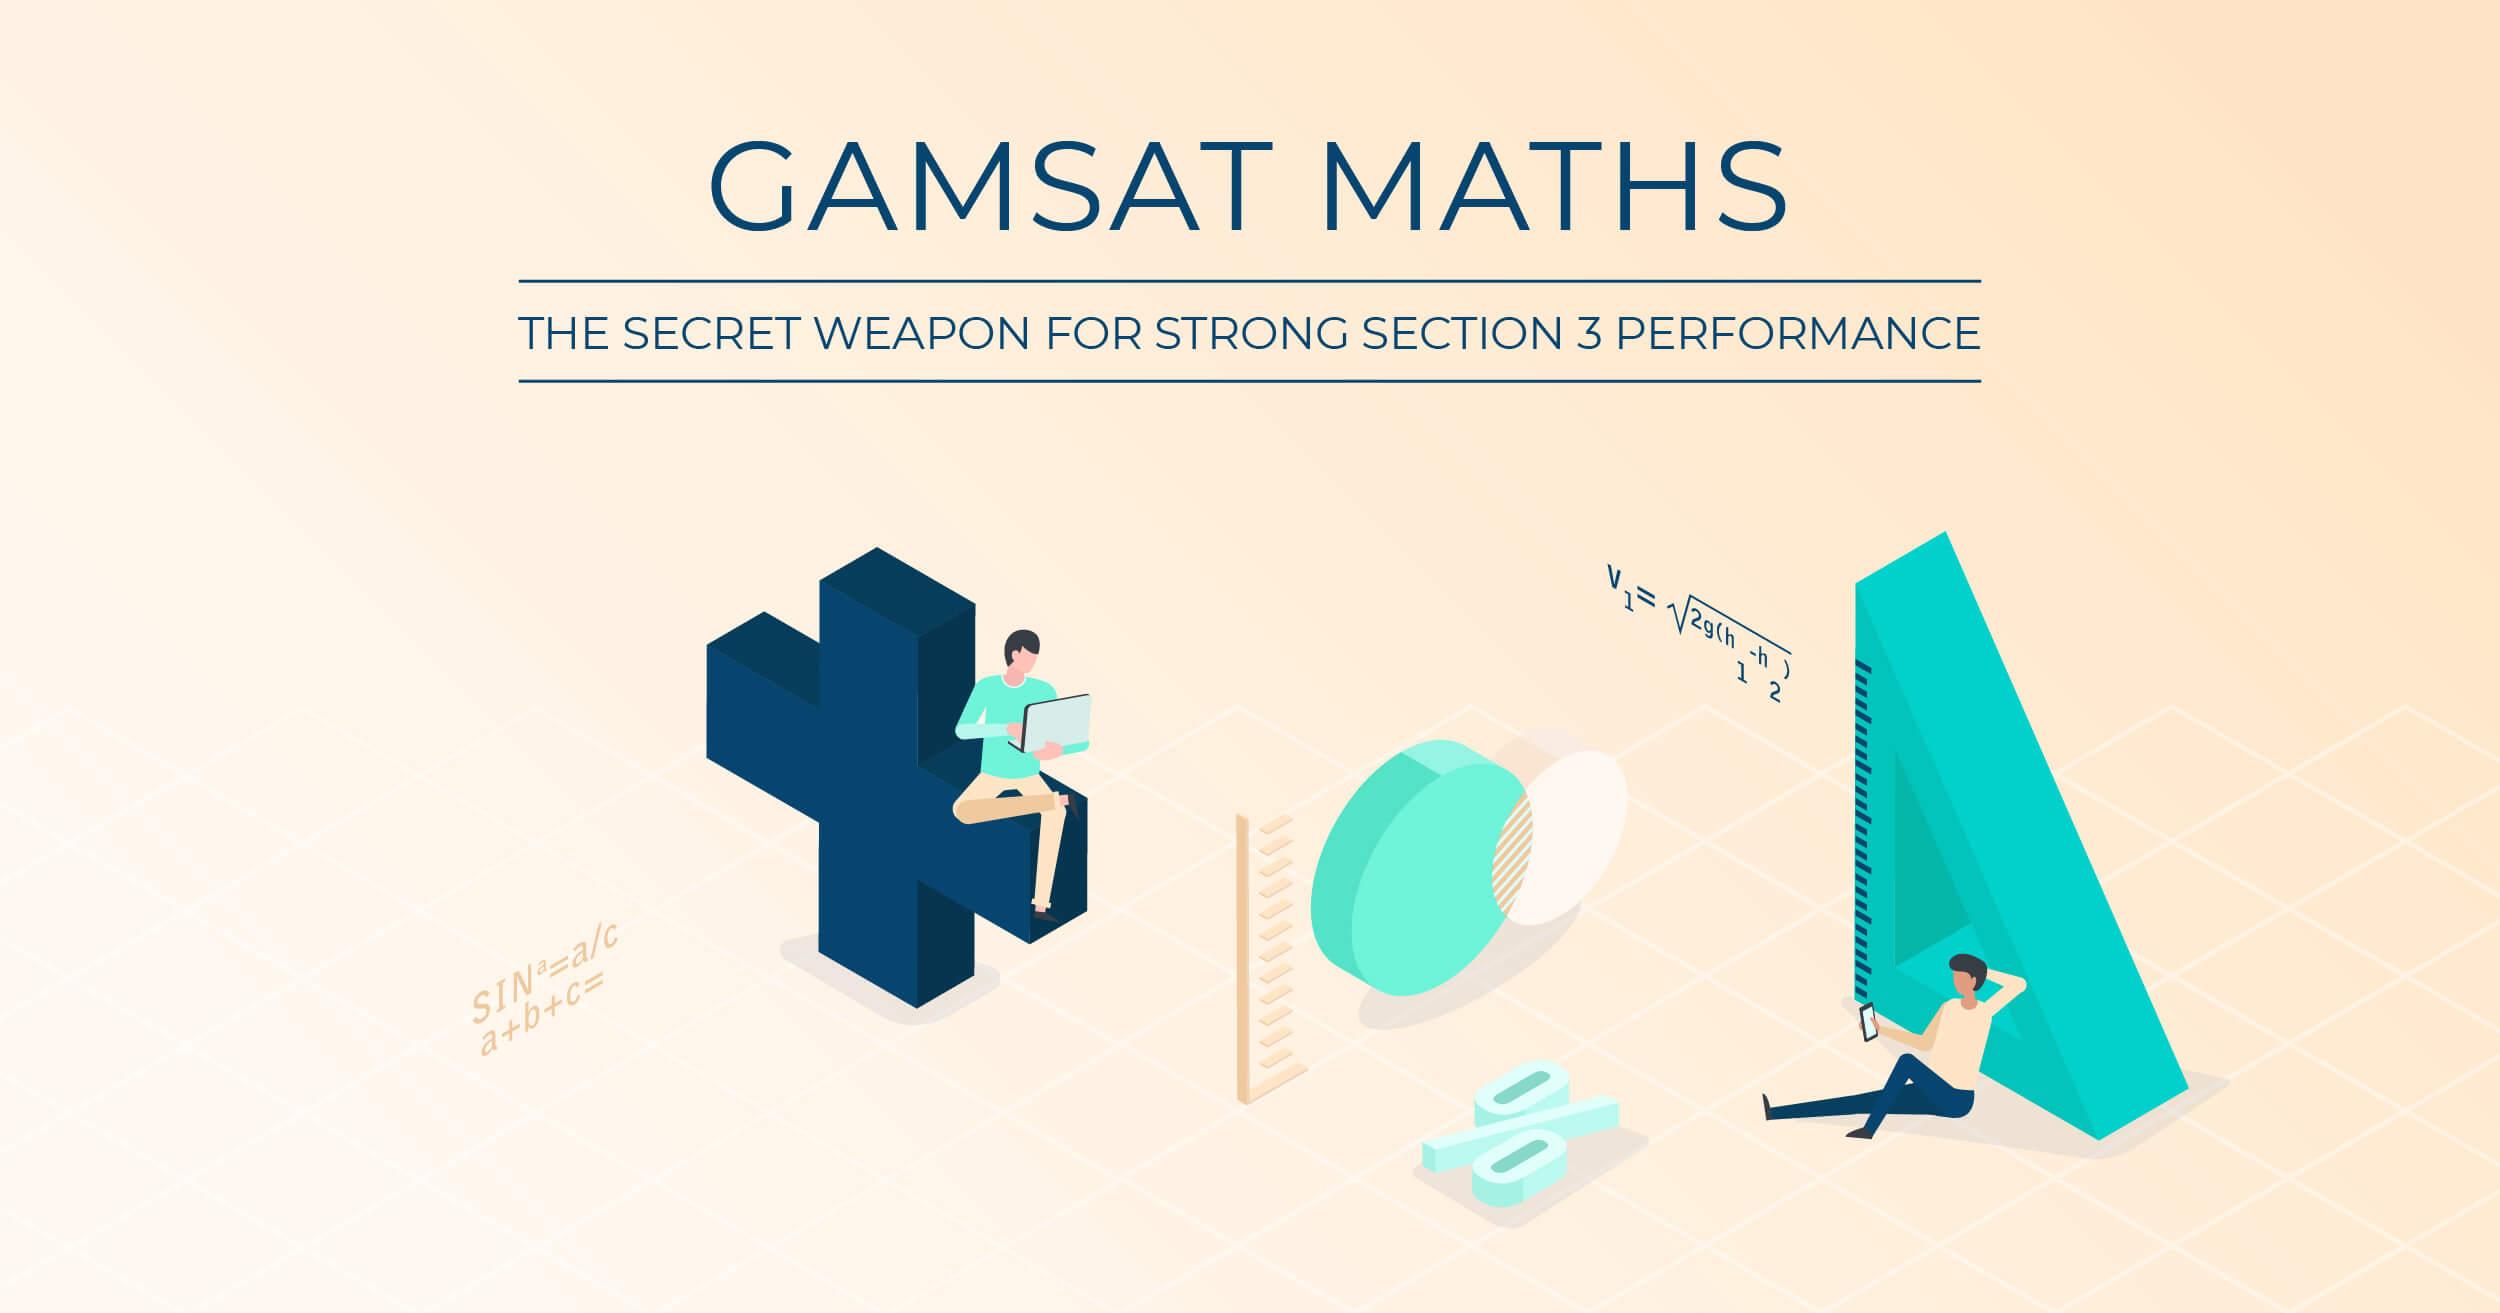 gamsat-maths